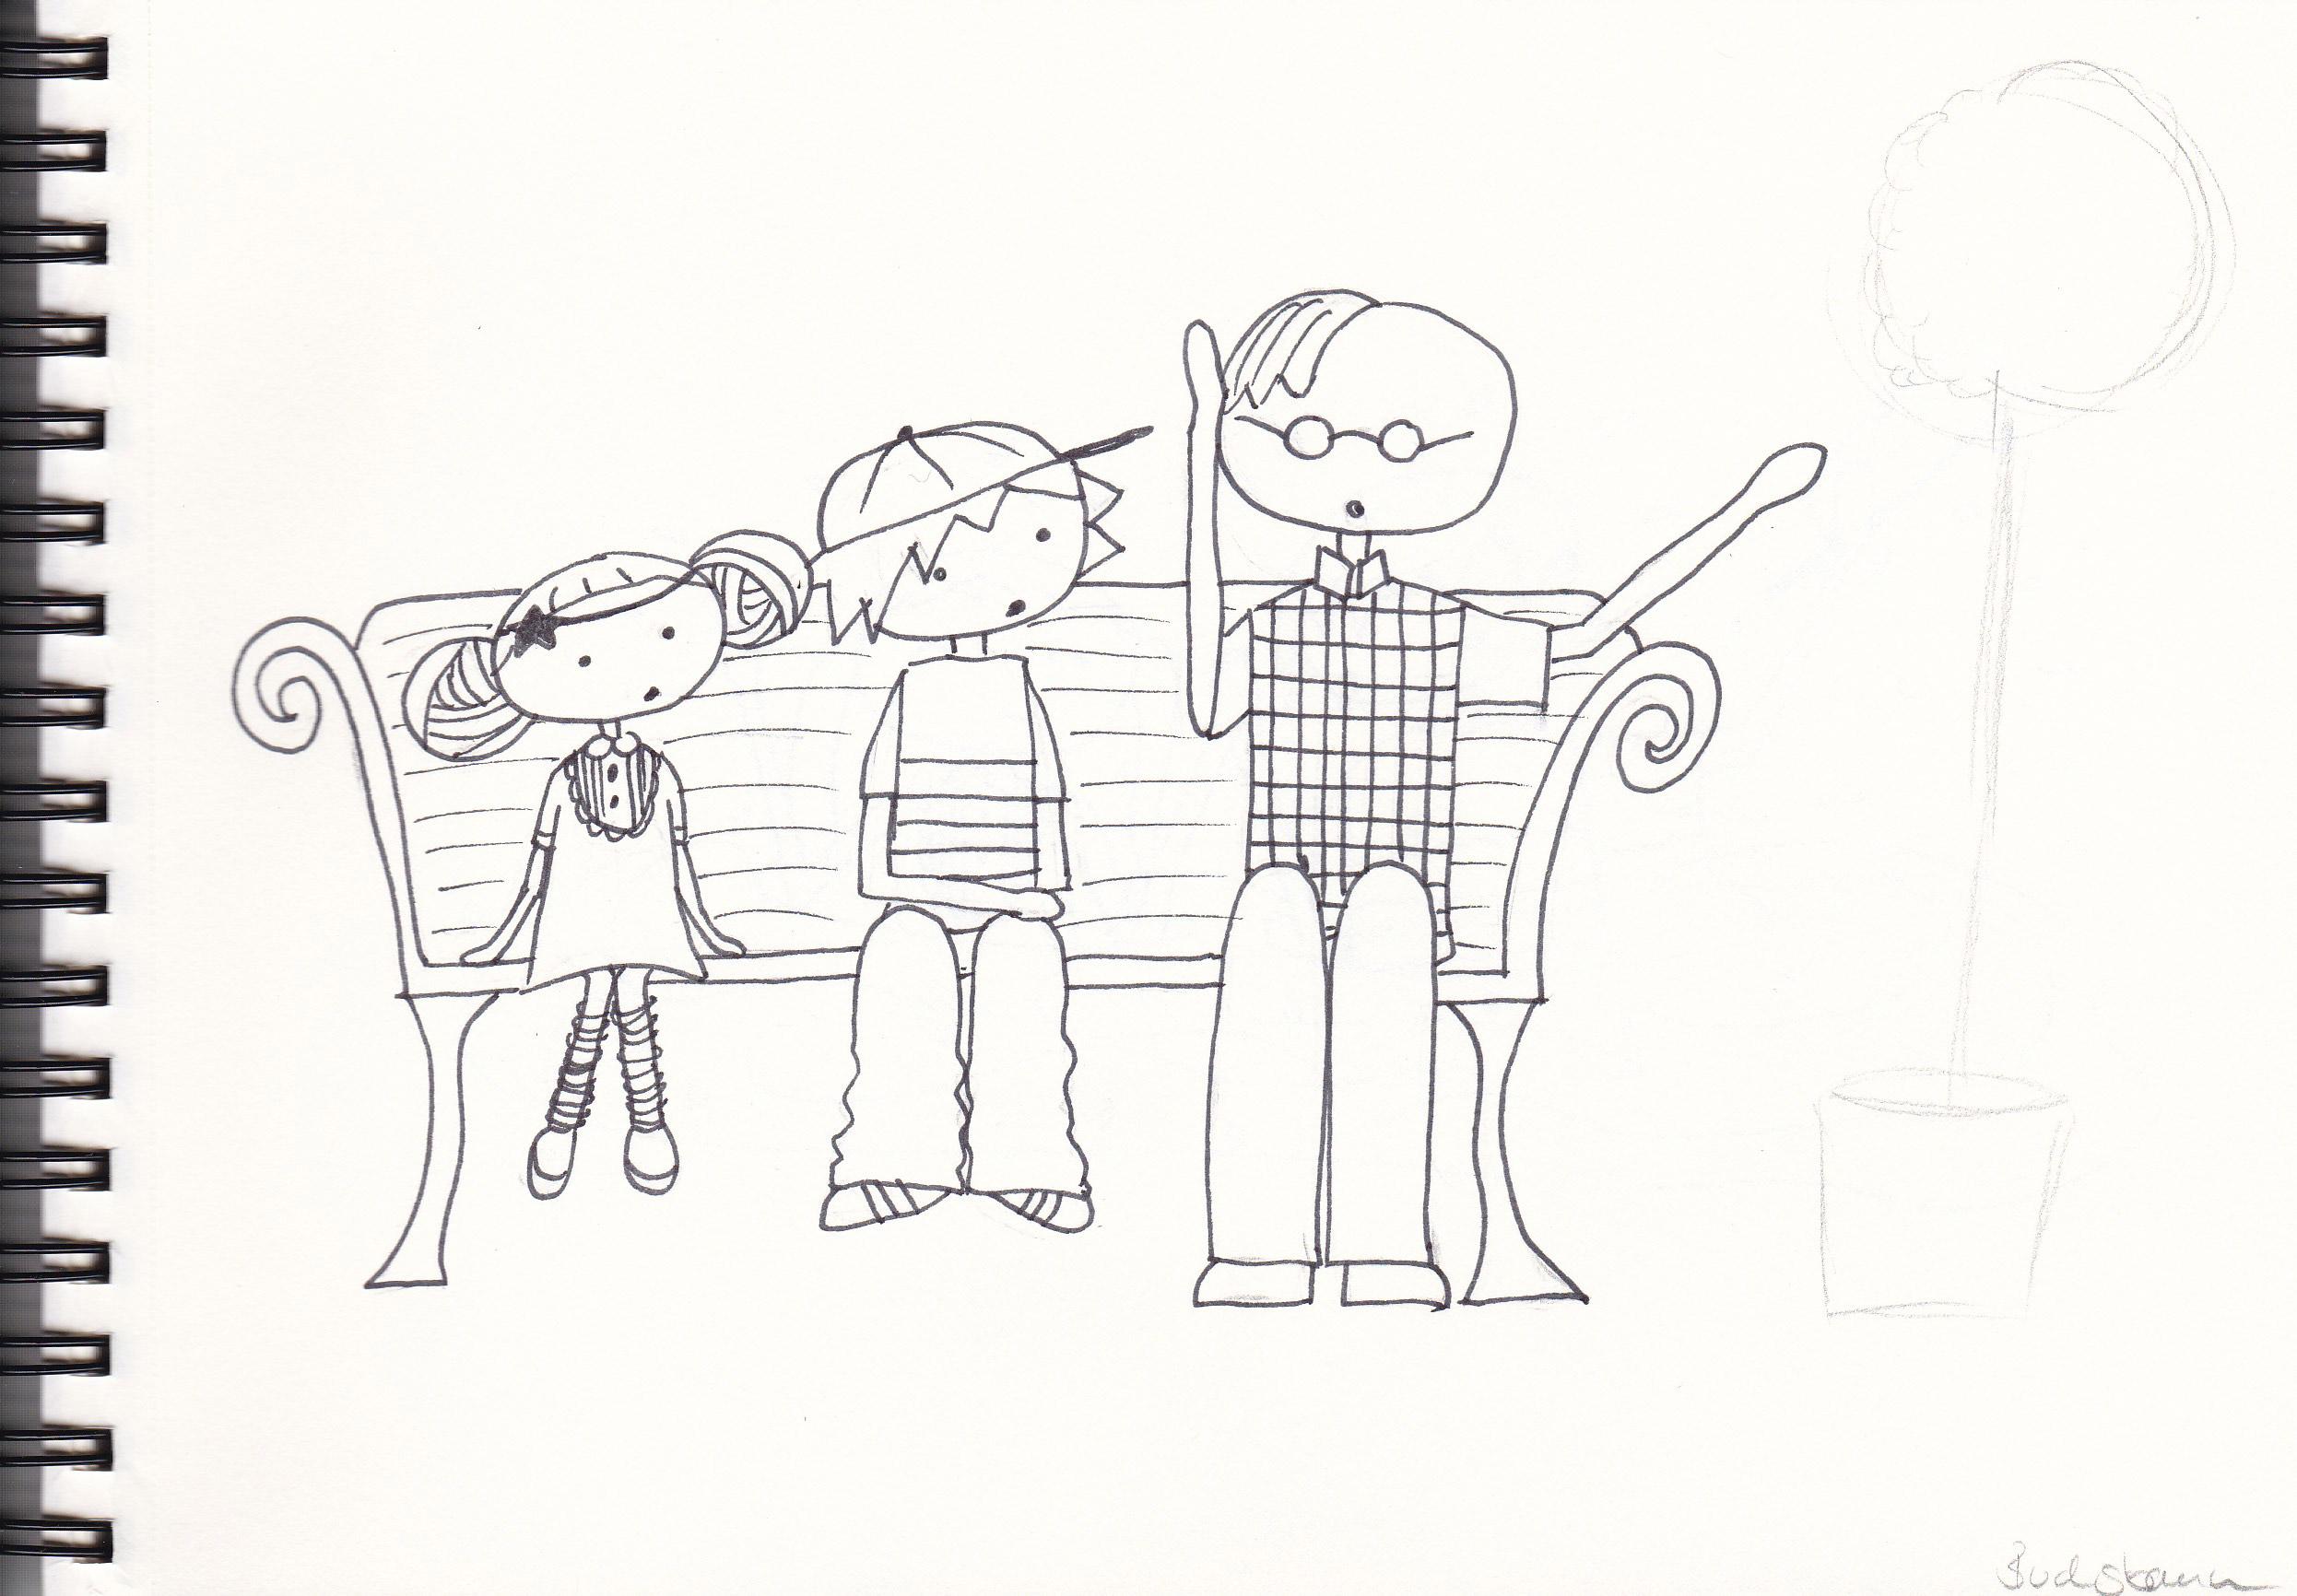 Kindergeschichte-illustrieren_fertige-Skizzen-3